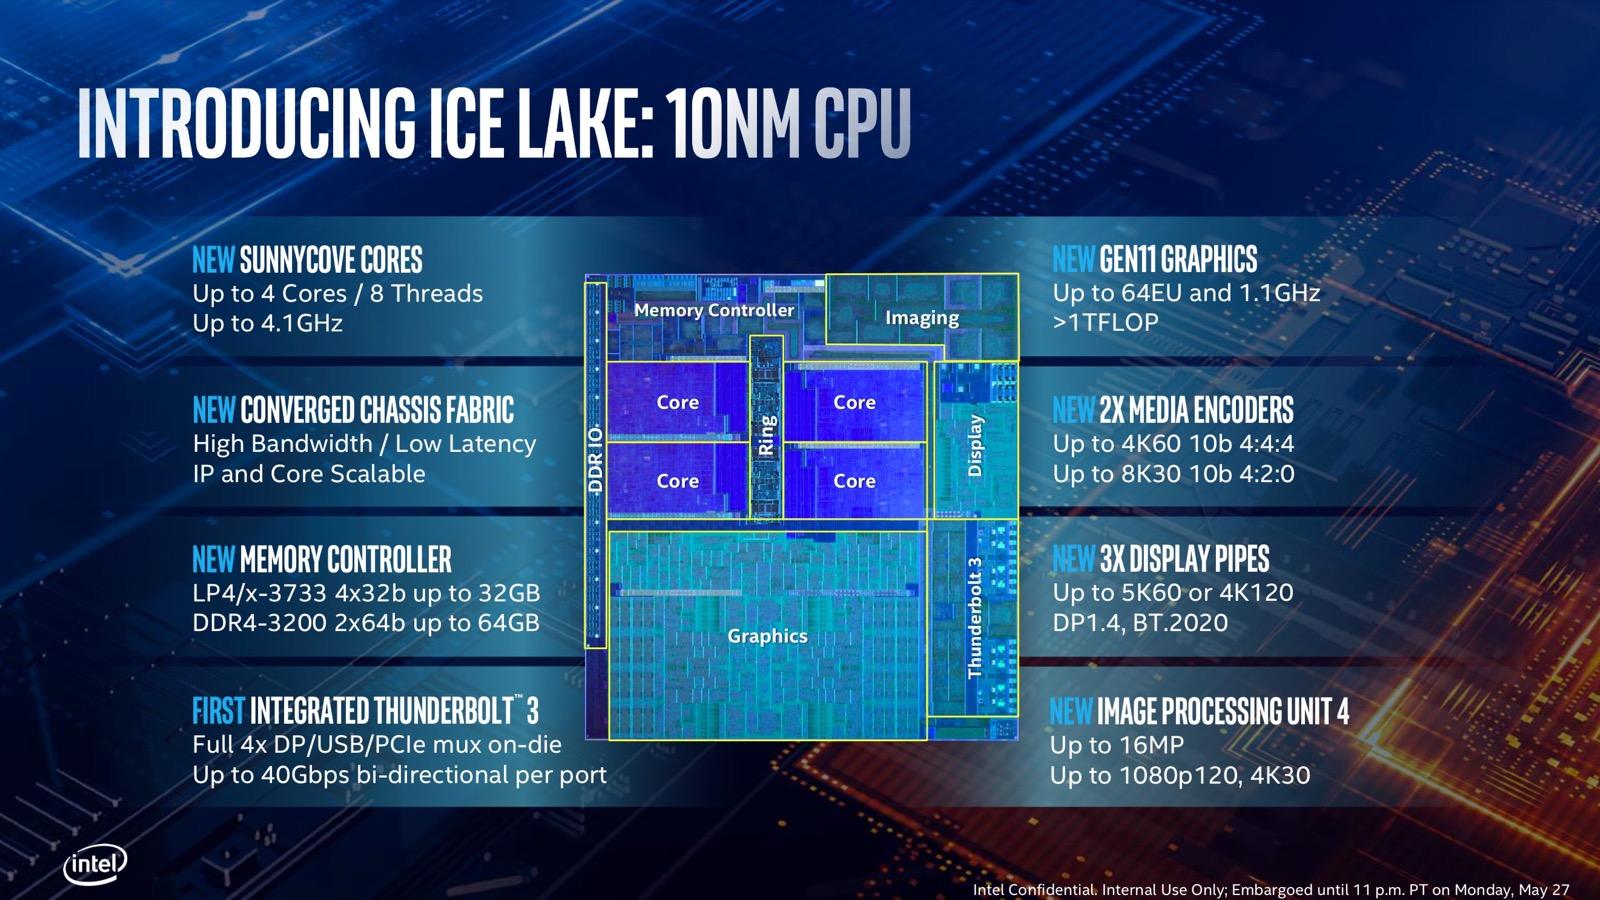 intel ice lake design